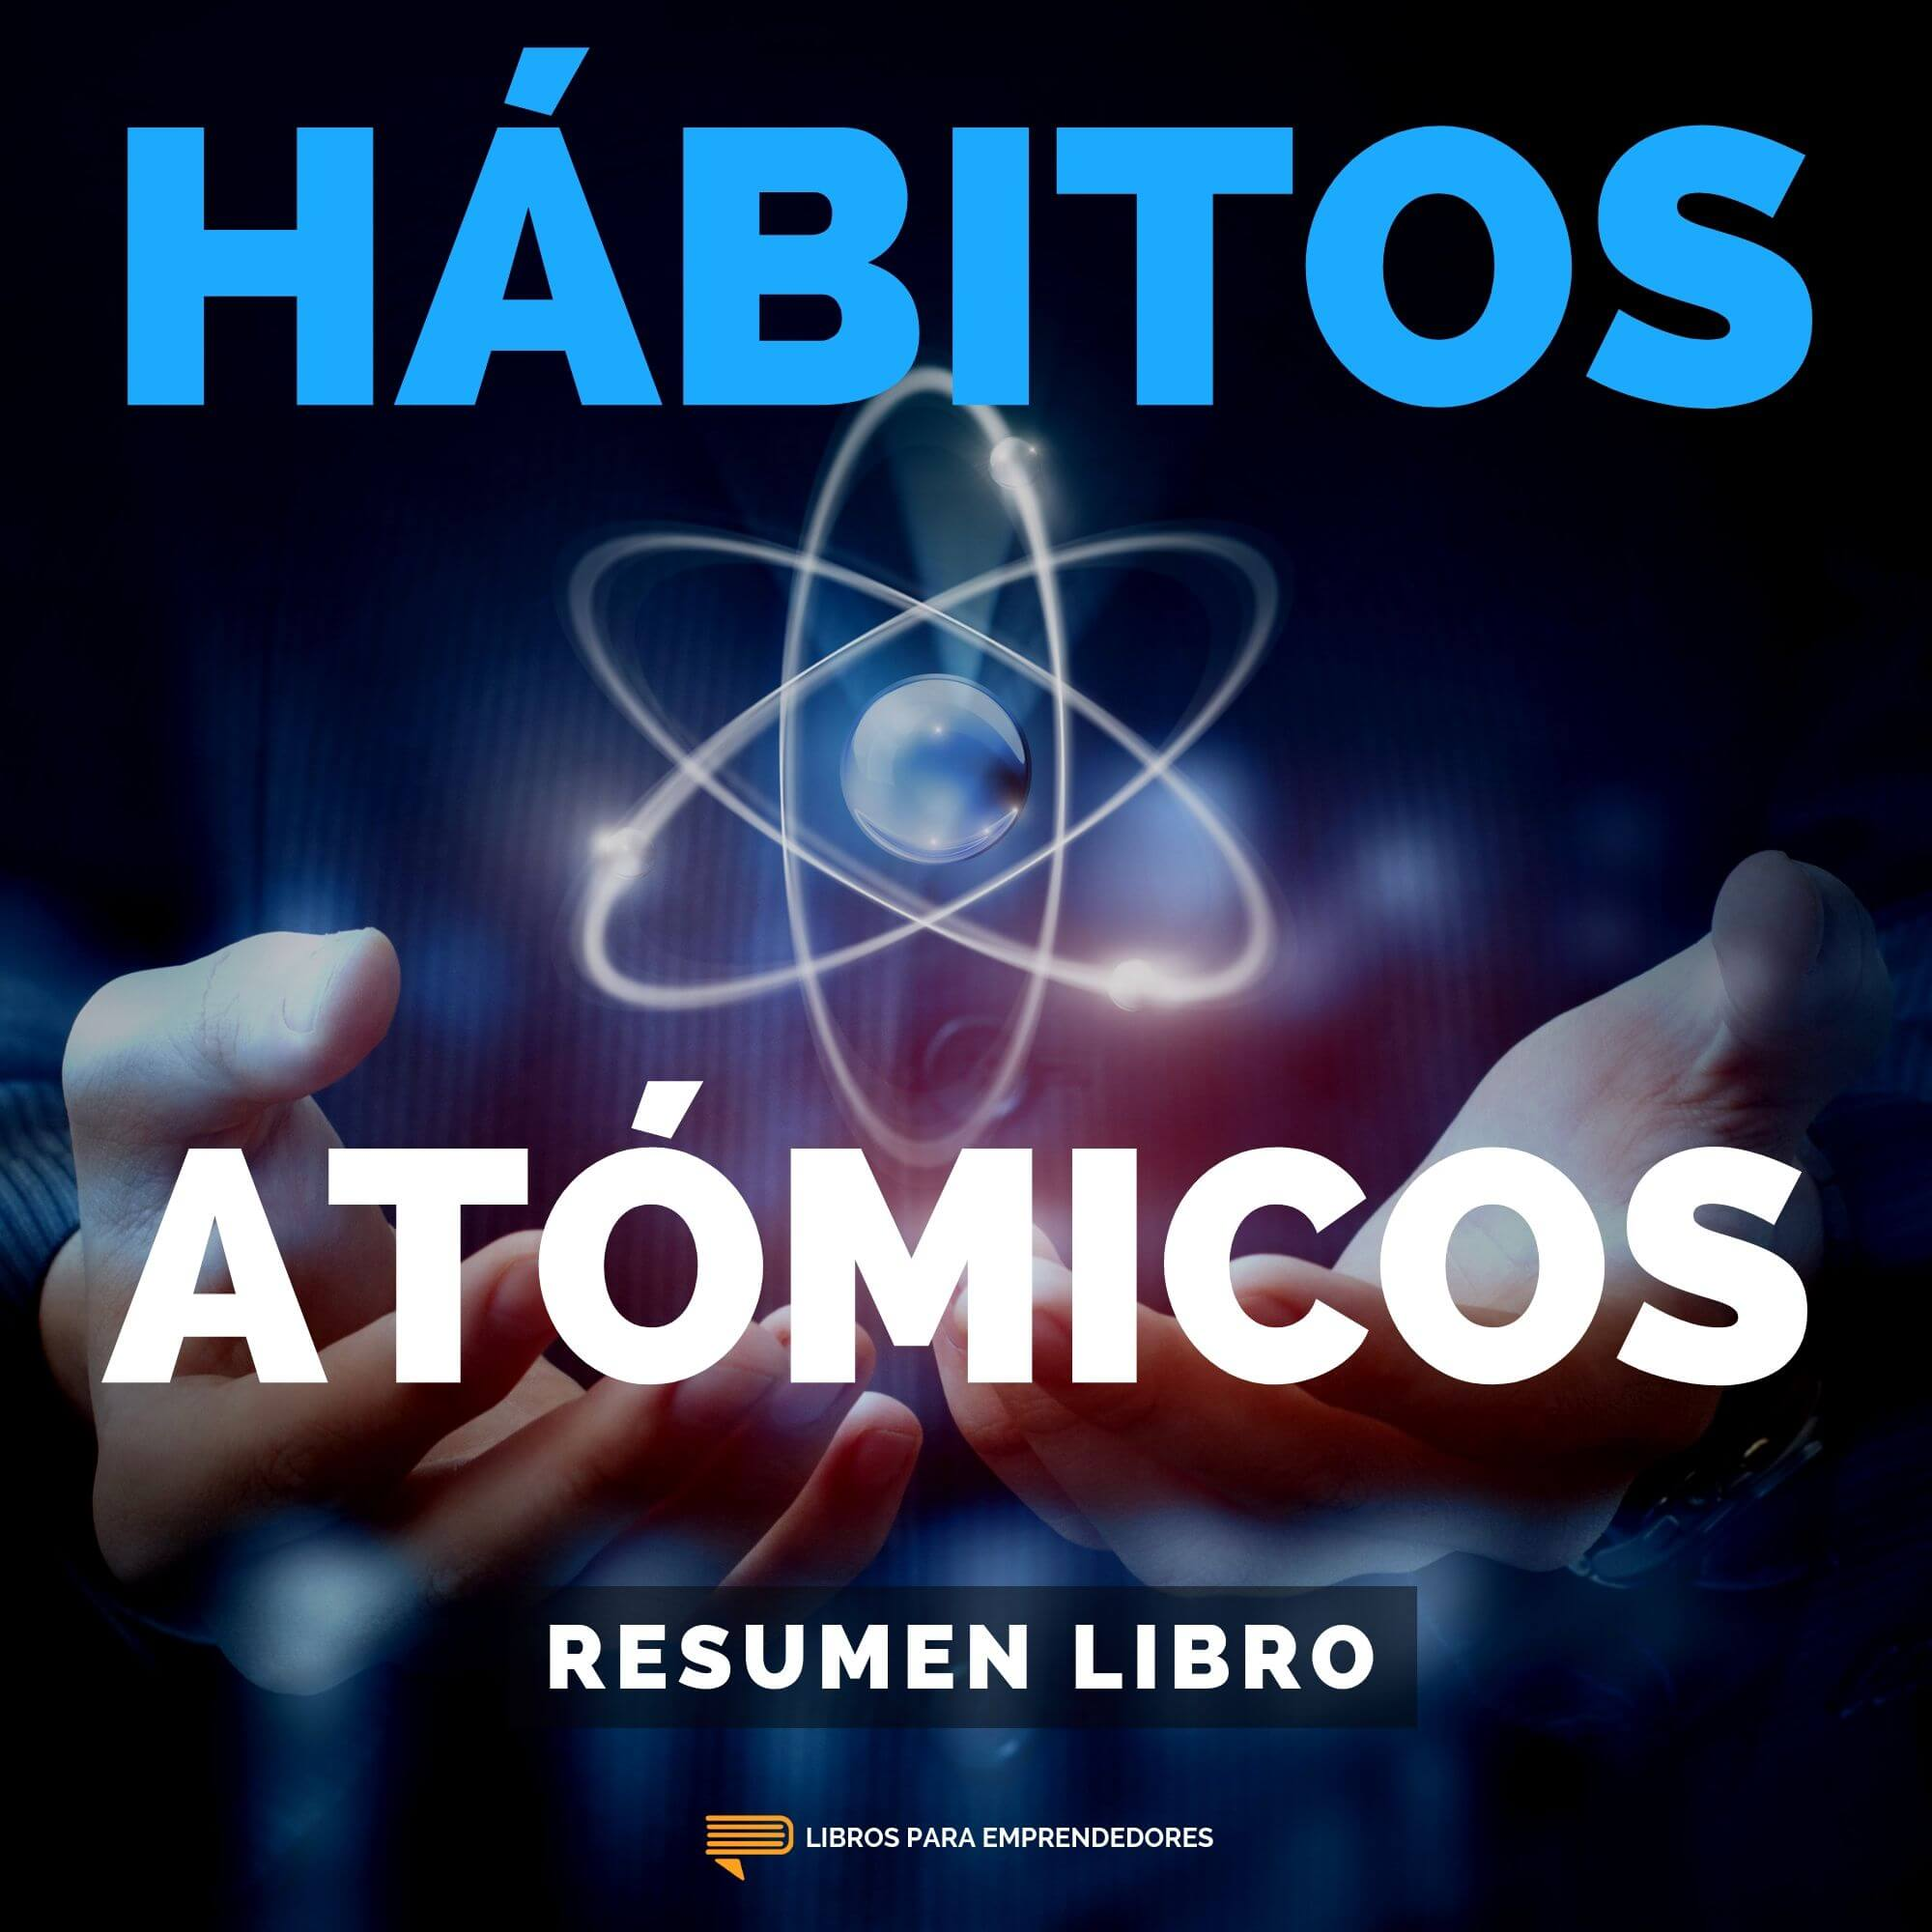 Hábitos Atómicos - Un Resumen de Libros para Emprendedores